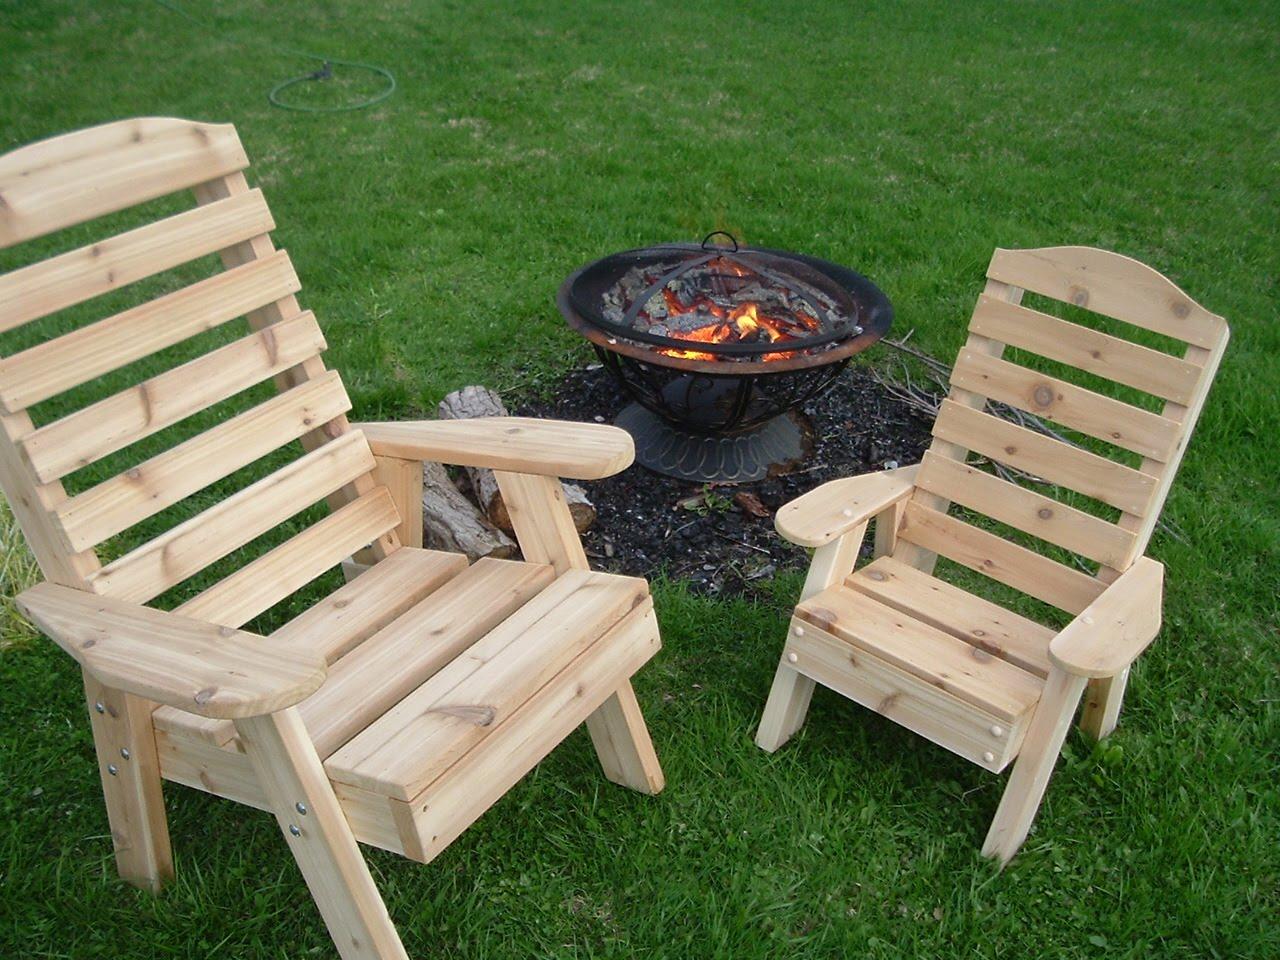 construire une chaise ext rieure pour les enfants astuces bricolage. Black Bedroom Furniture Sets. Home Design Ideas